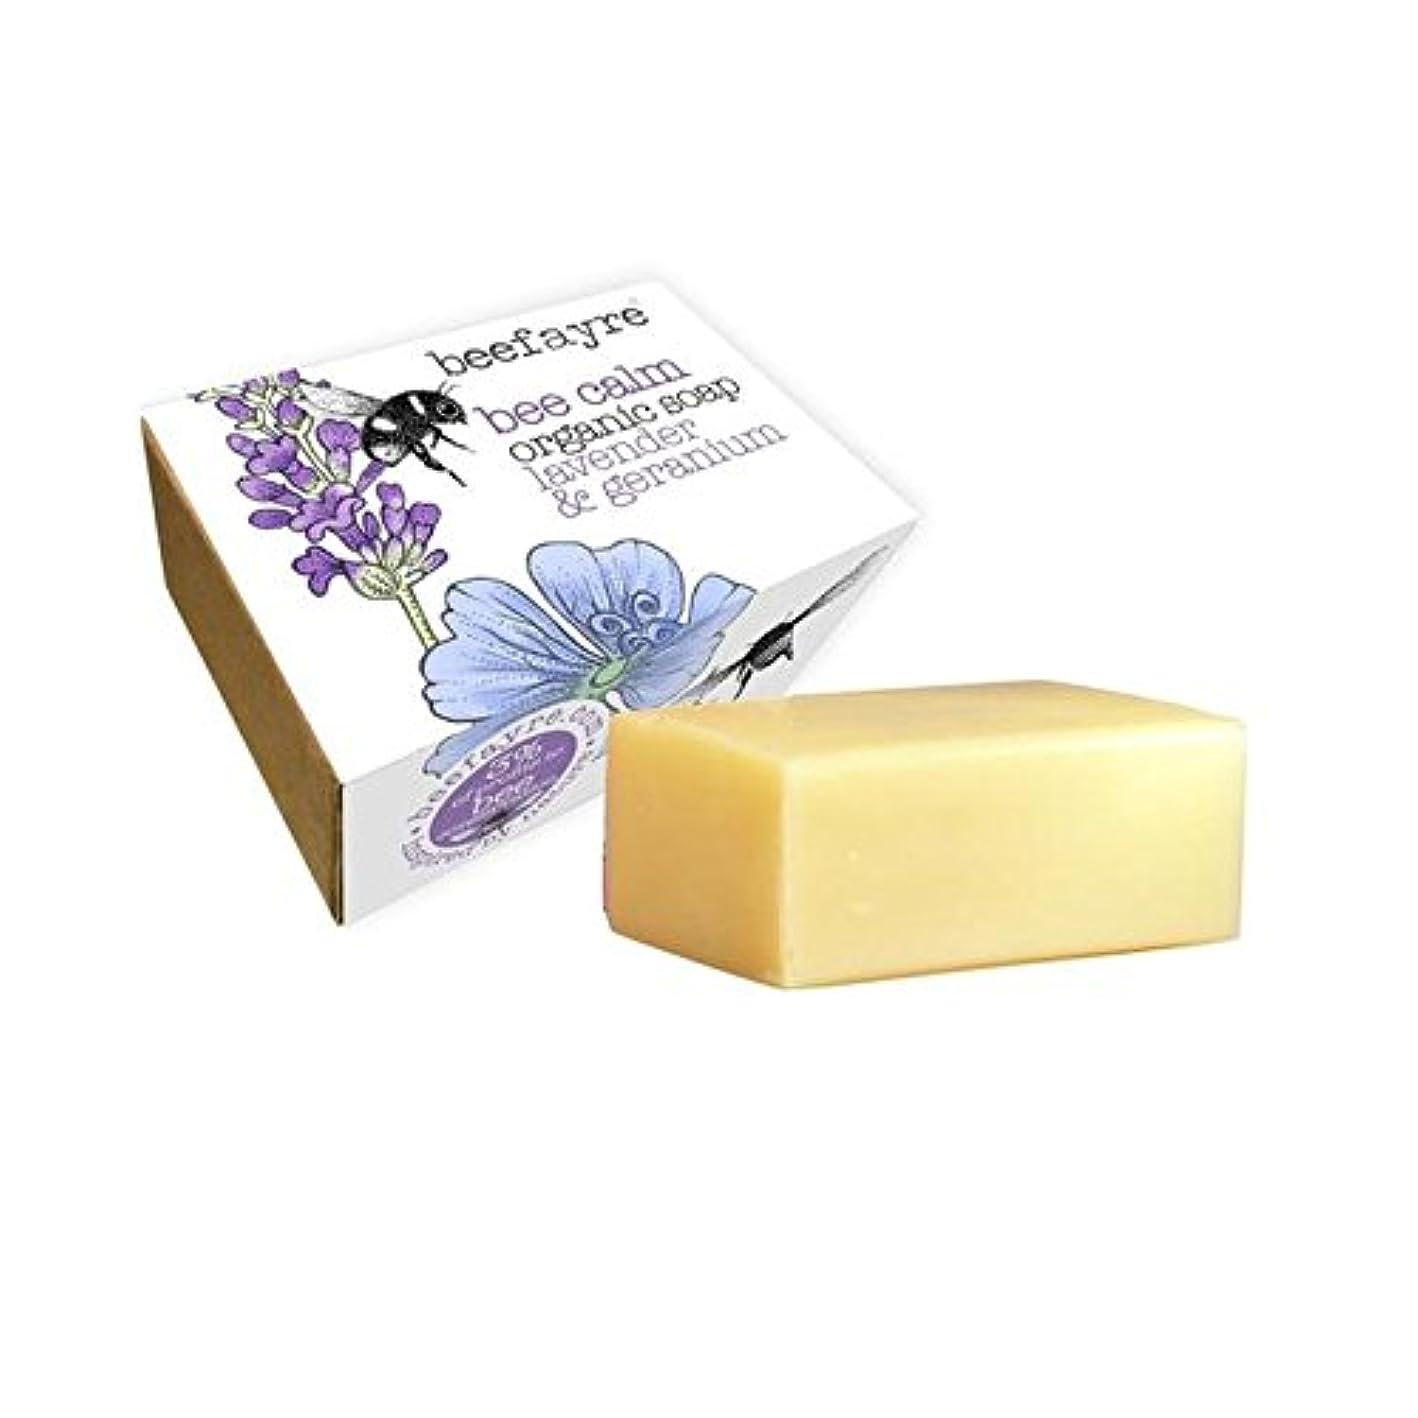 メニューオーディション配分Beefayre Organic Geranium & Lavender Soap (Pack of 6) - 有機ゼラニウム&ラベンダー石鹸 x6 [並行輸入品]